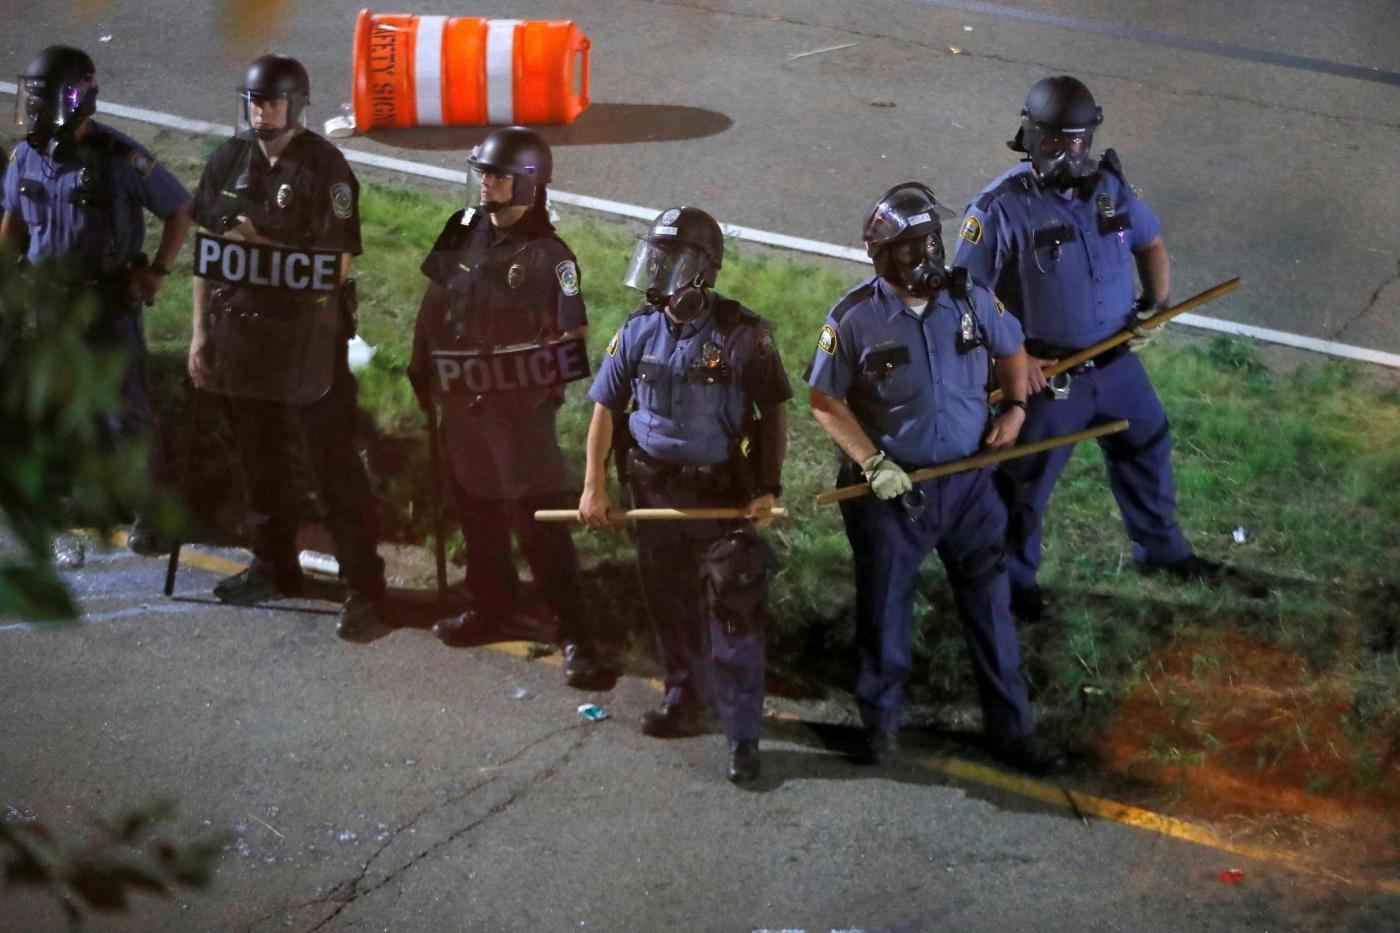 Sparatoria in Usa, a San Diego colpiti 2 poliziotti: uno è morto